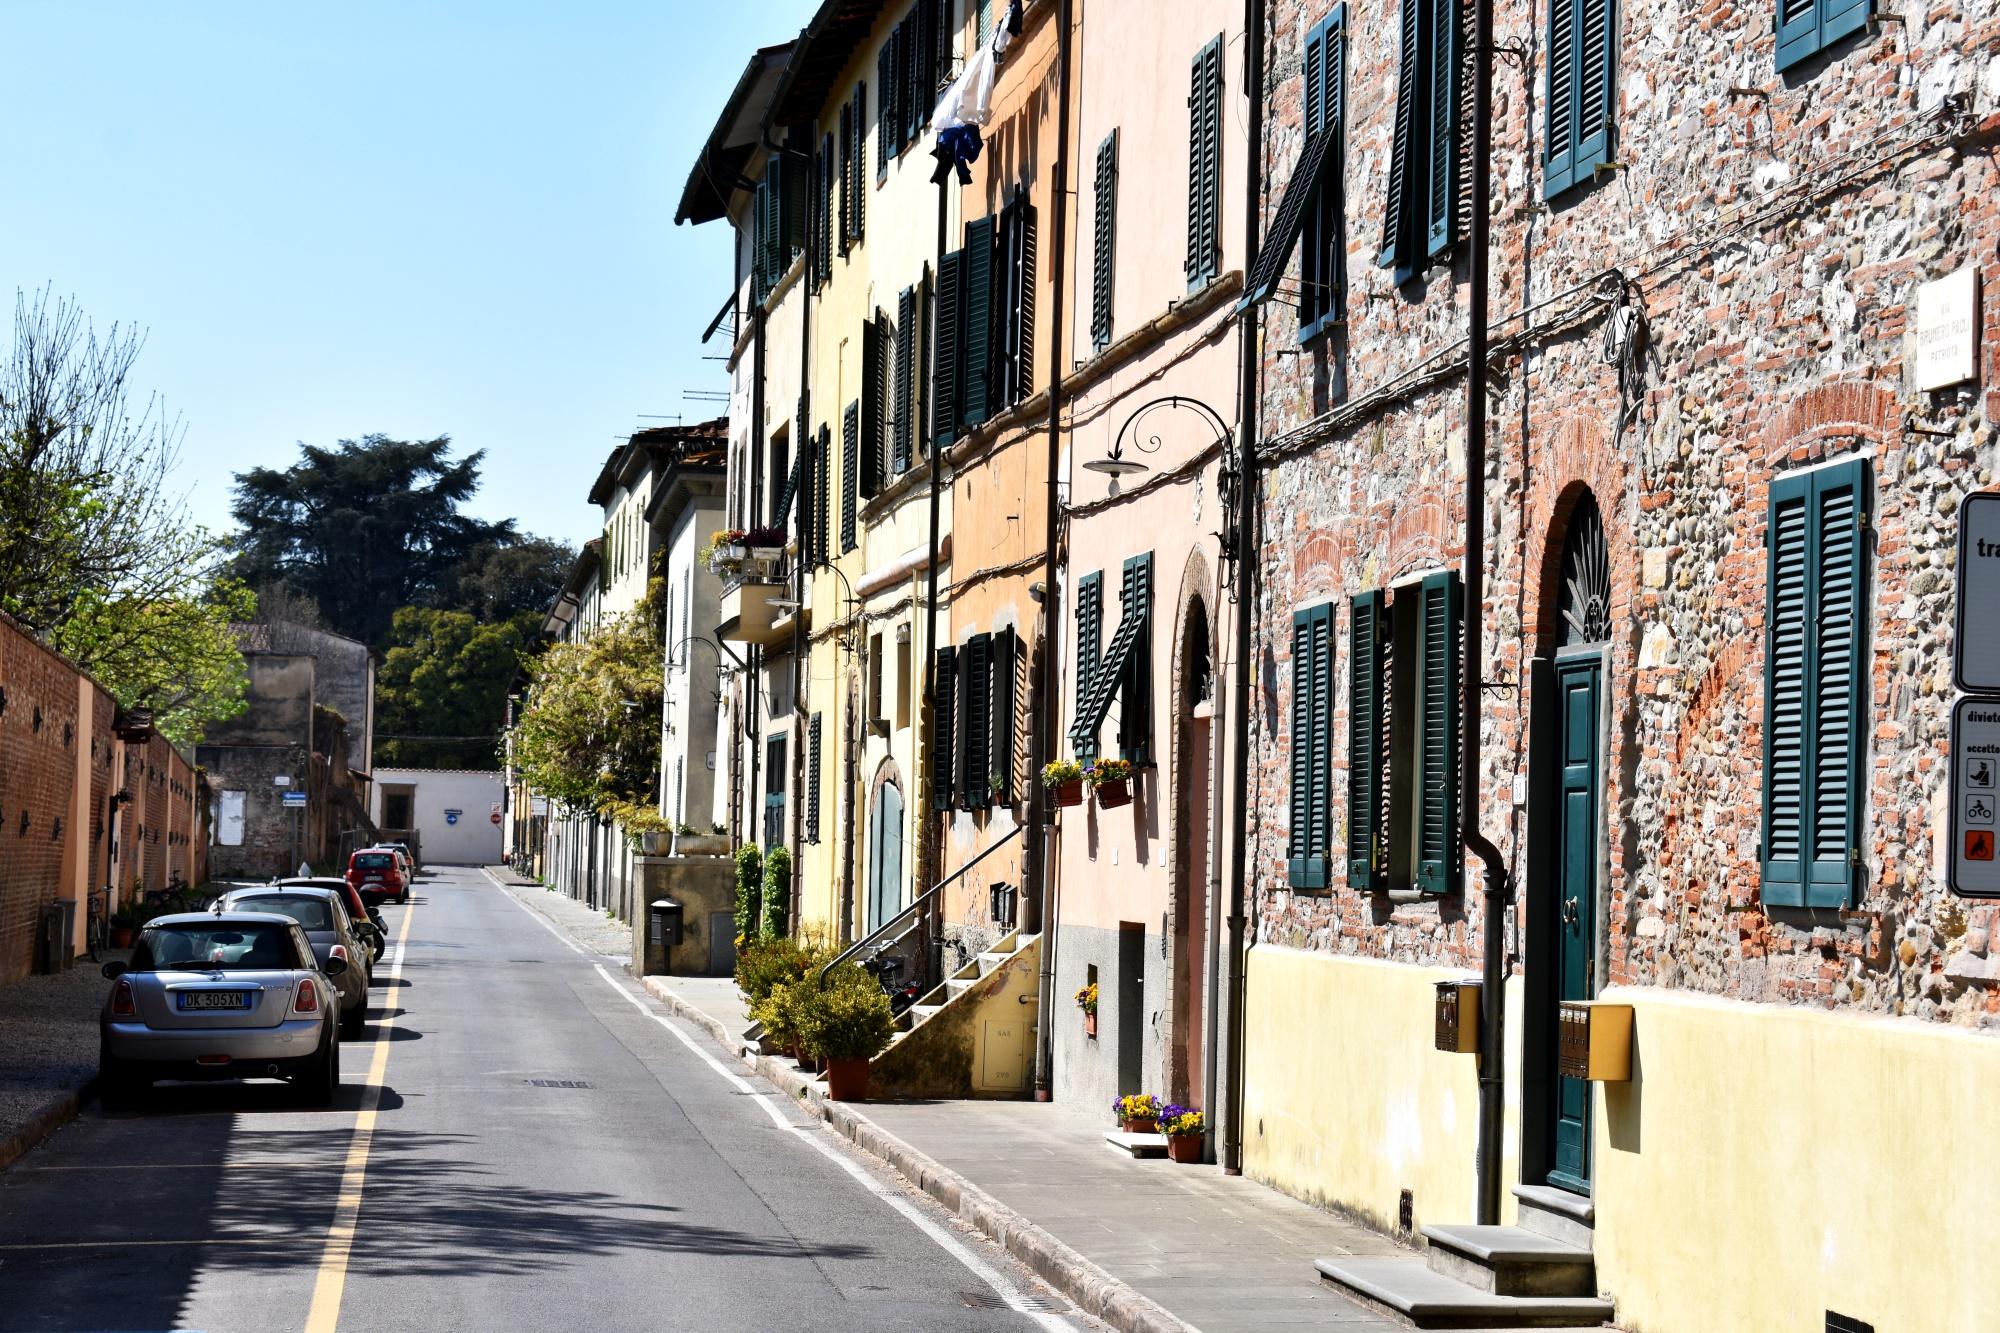 Familienurlaub, Italien,